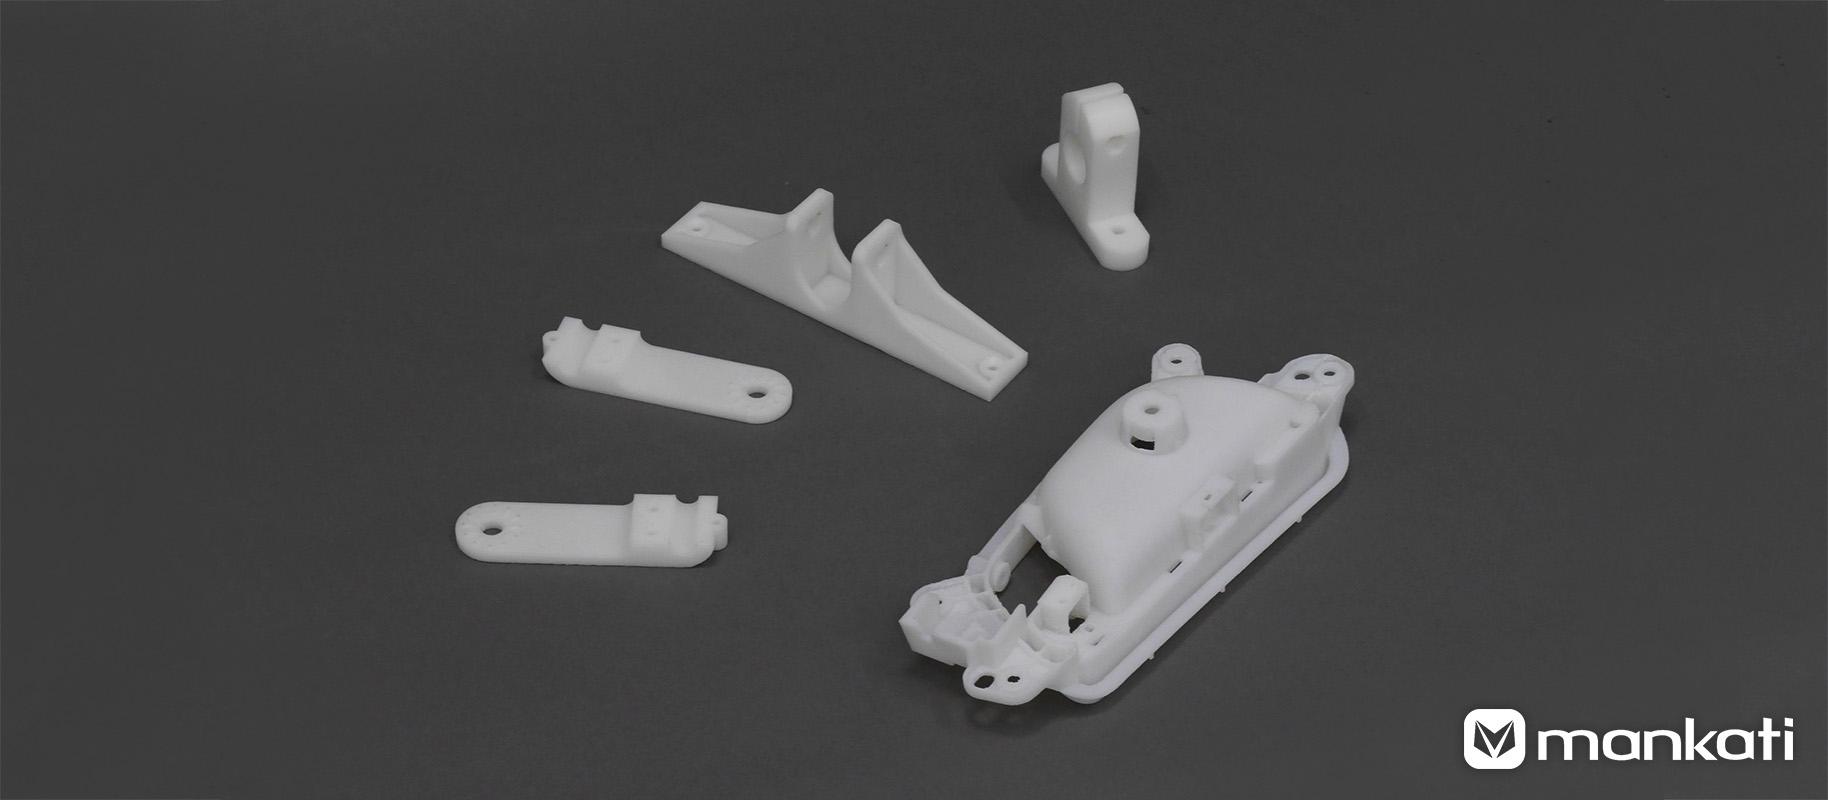 ABS材料,尼龙桌面级3D打印机,大尺寸打印机,工业级打印机